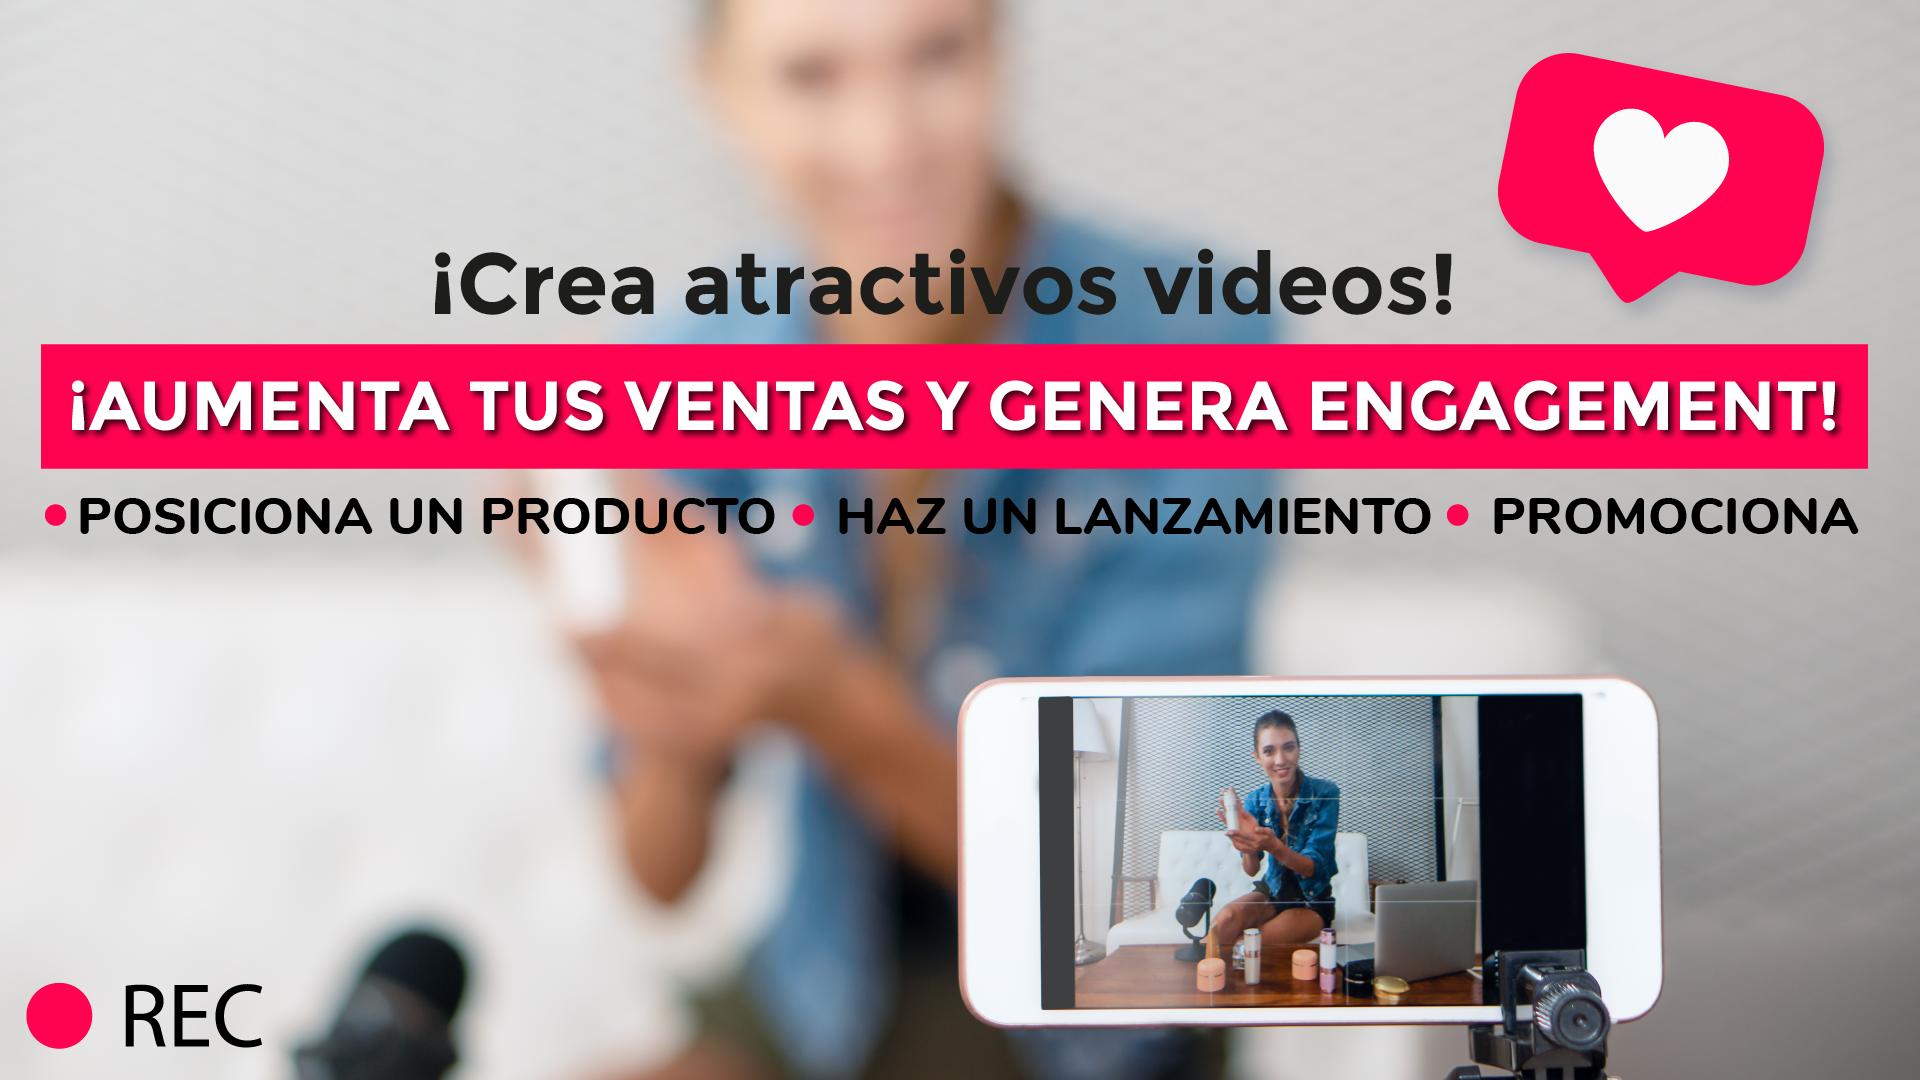 Crea atractivos videos para aumentar ventas 1.0